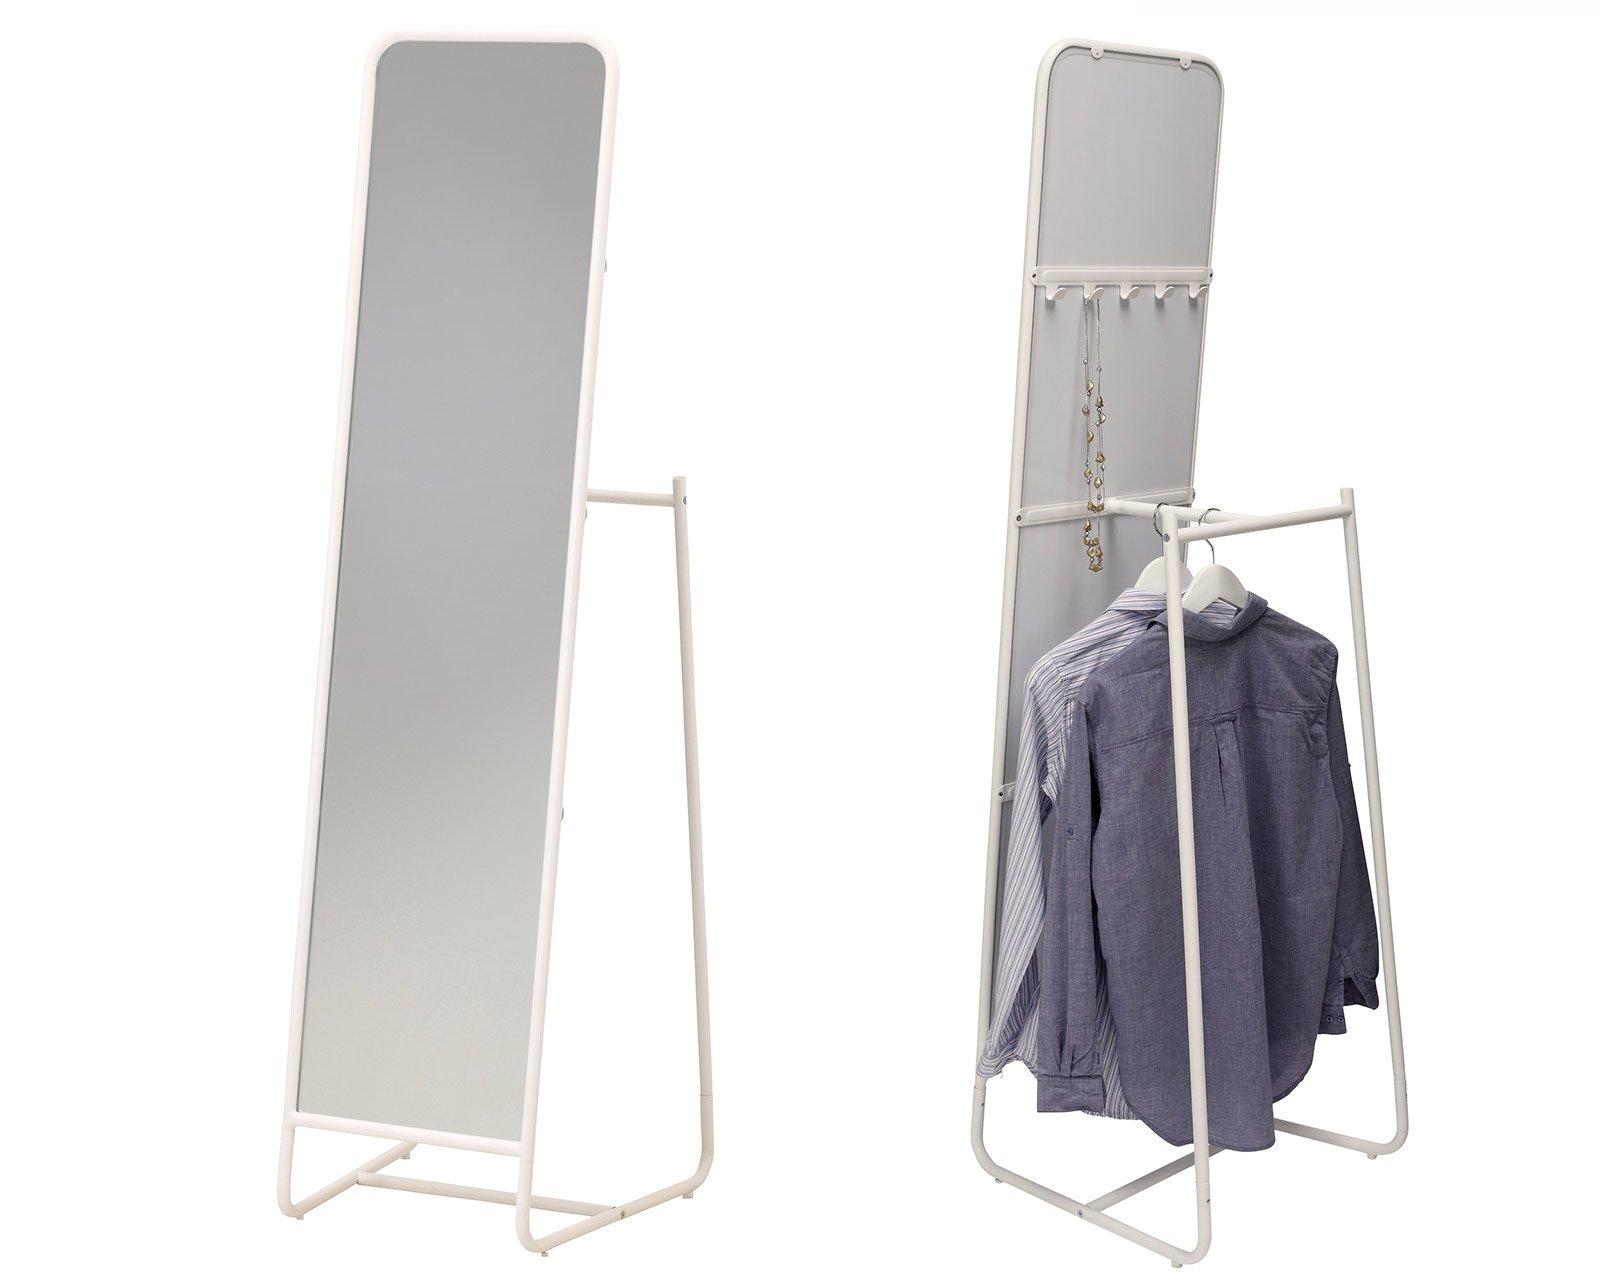 Ikea Specchi Da Parete Bagno.Lampada Specchio Ikea Idea D Immagine Di Decorazione